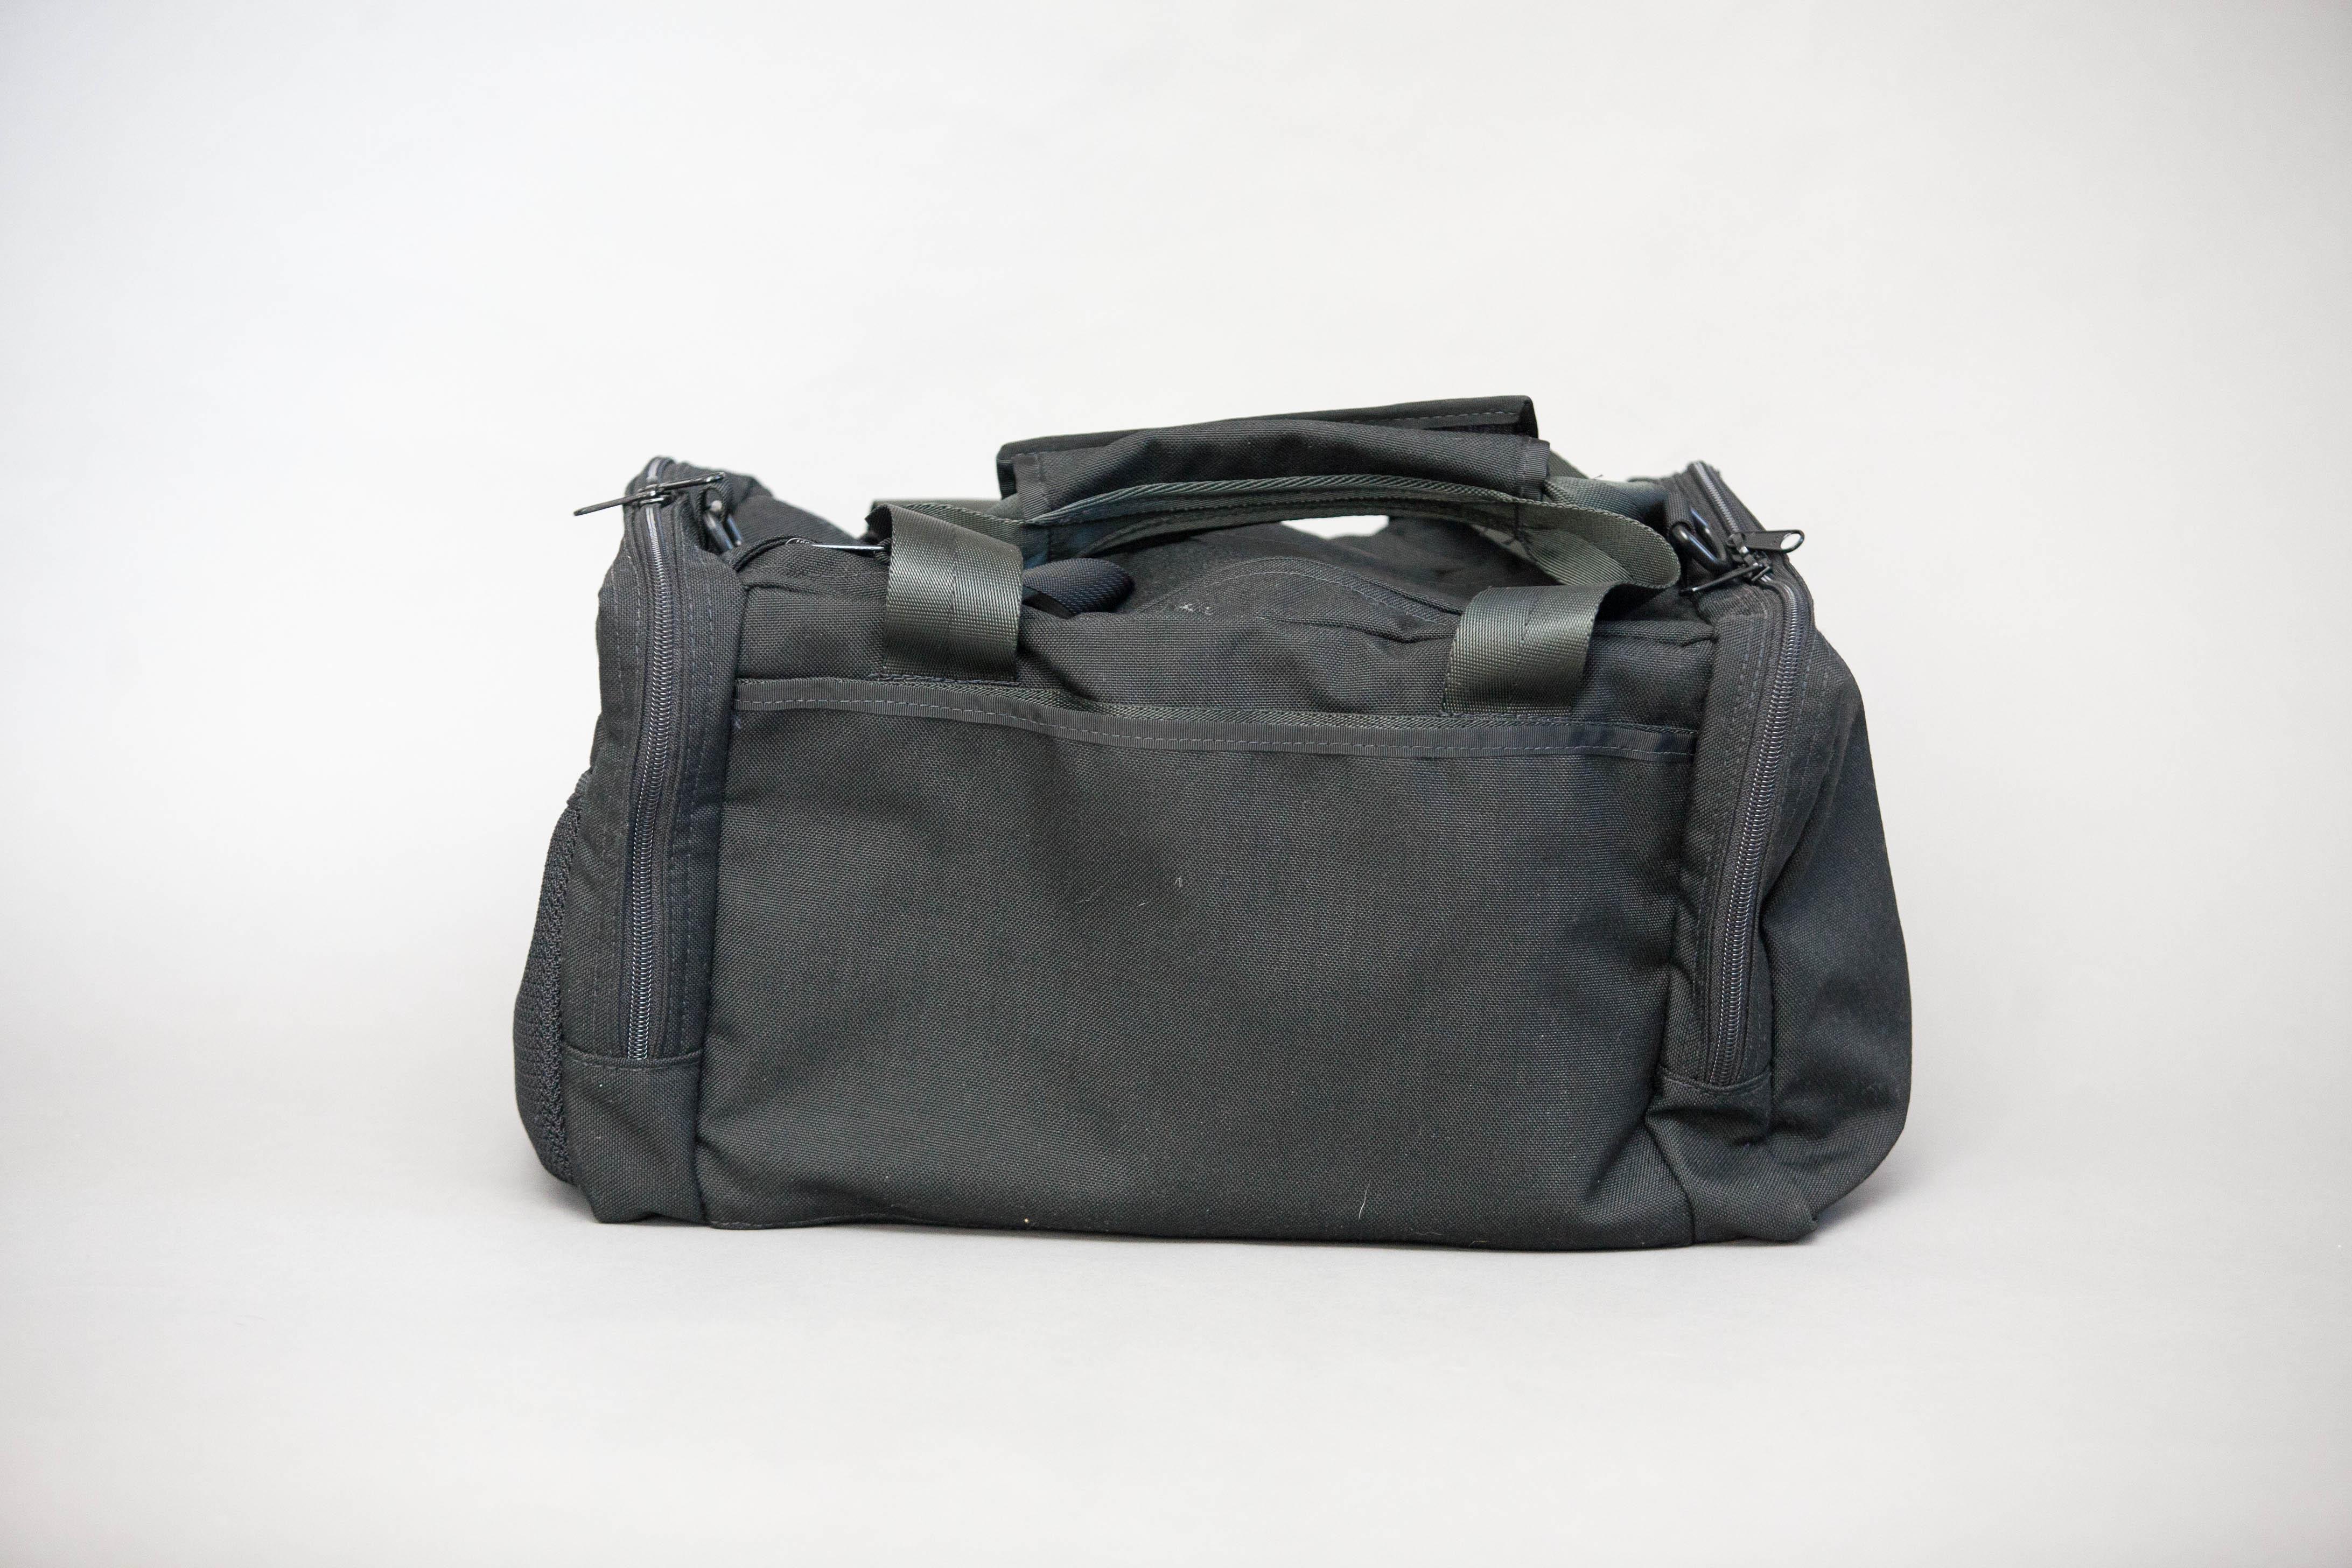 Lynx Defense Pistol Range Bag Back